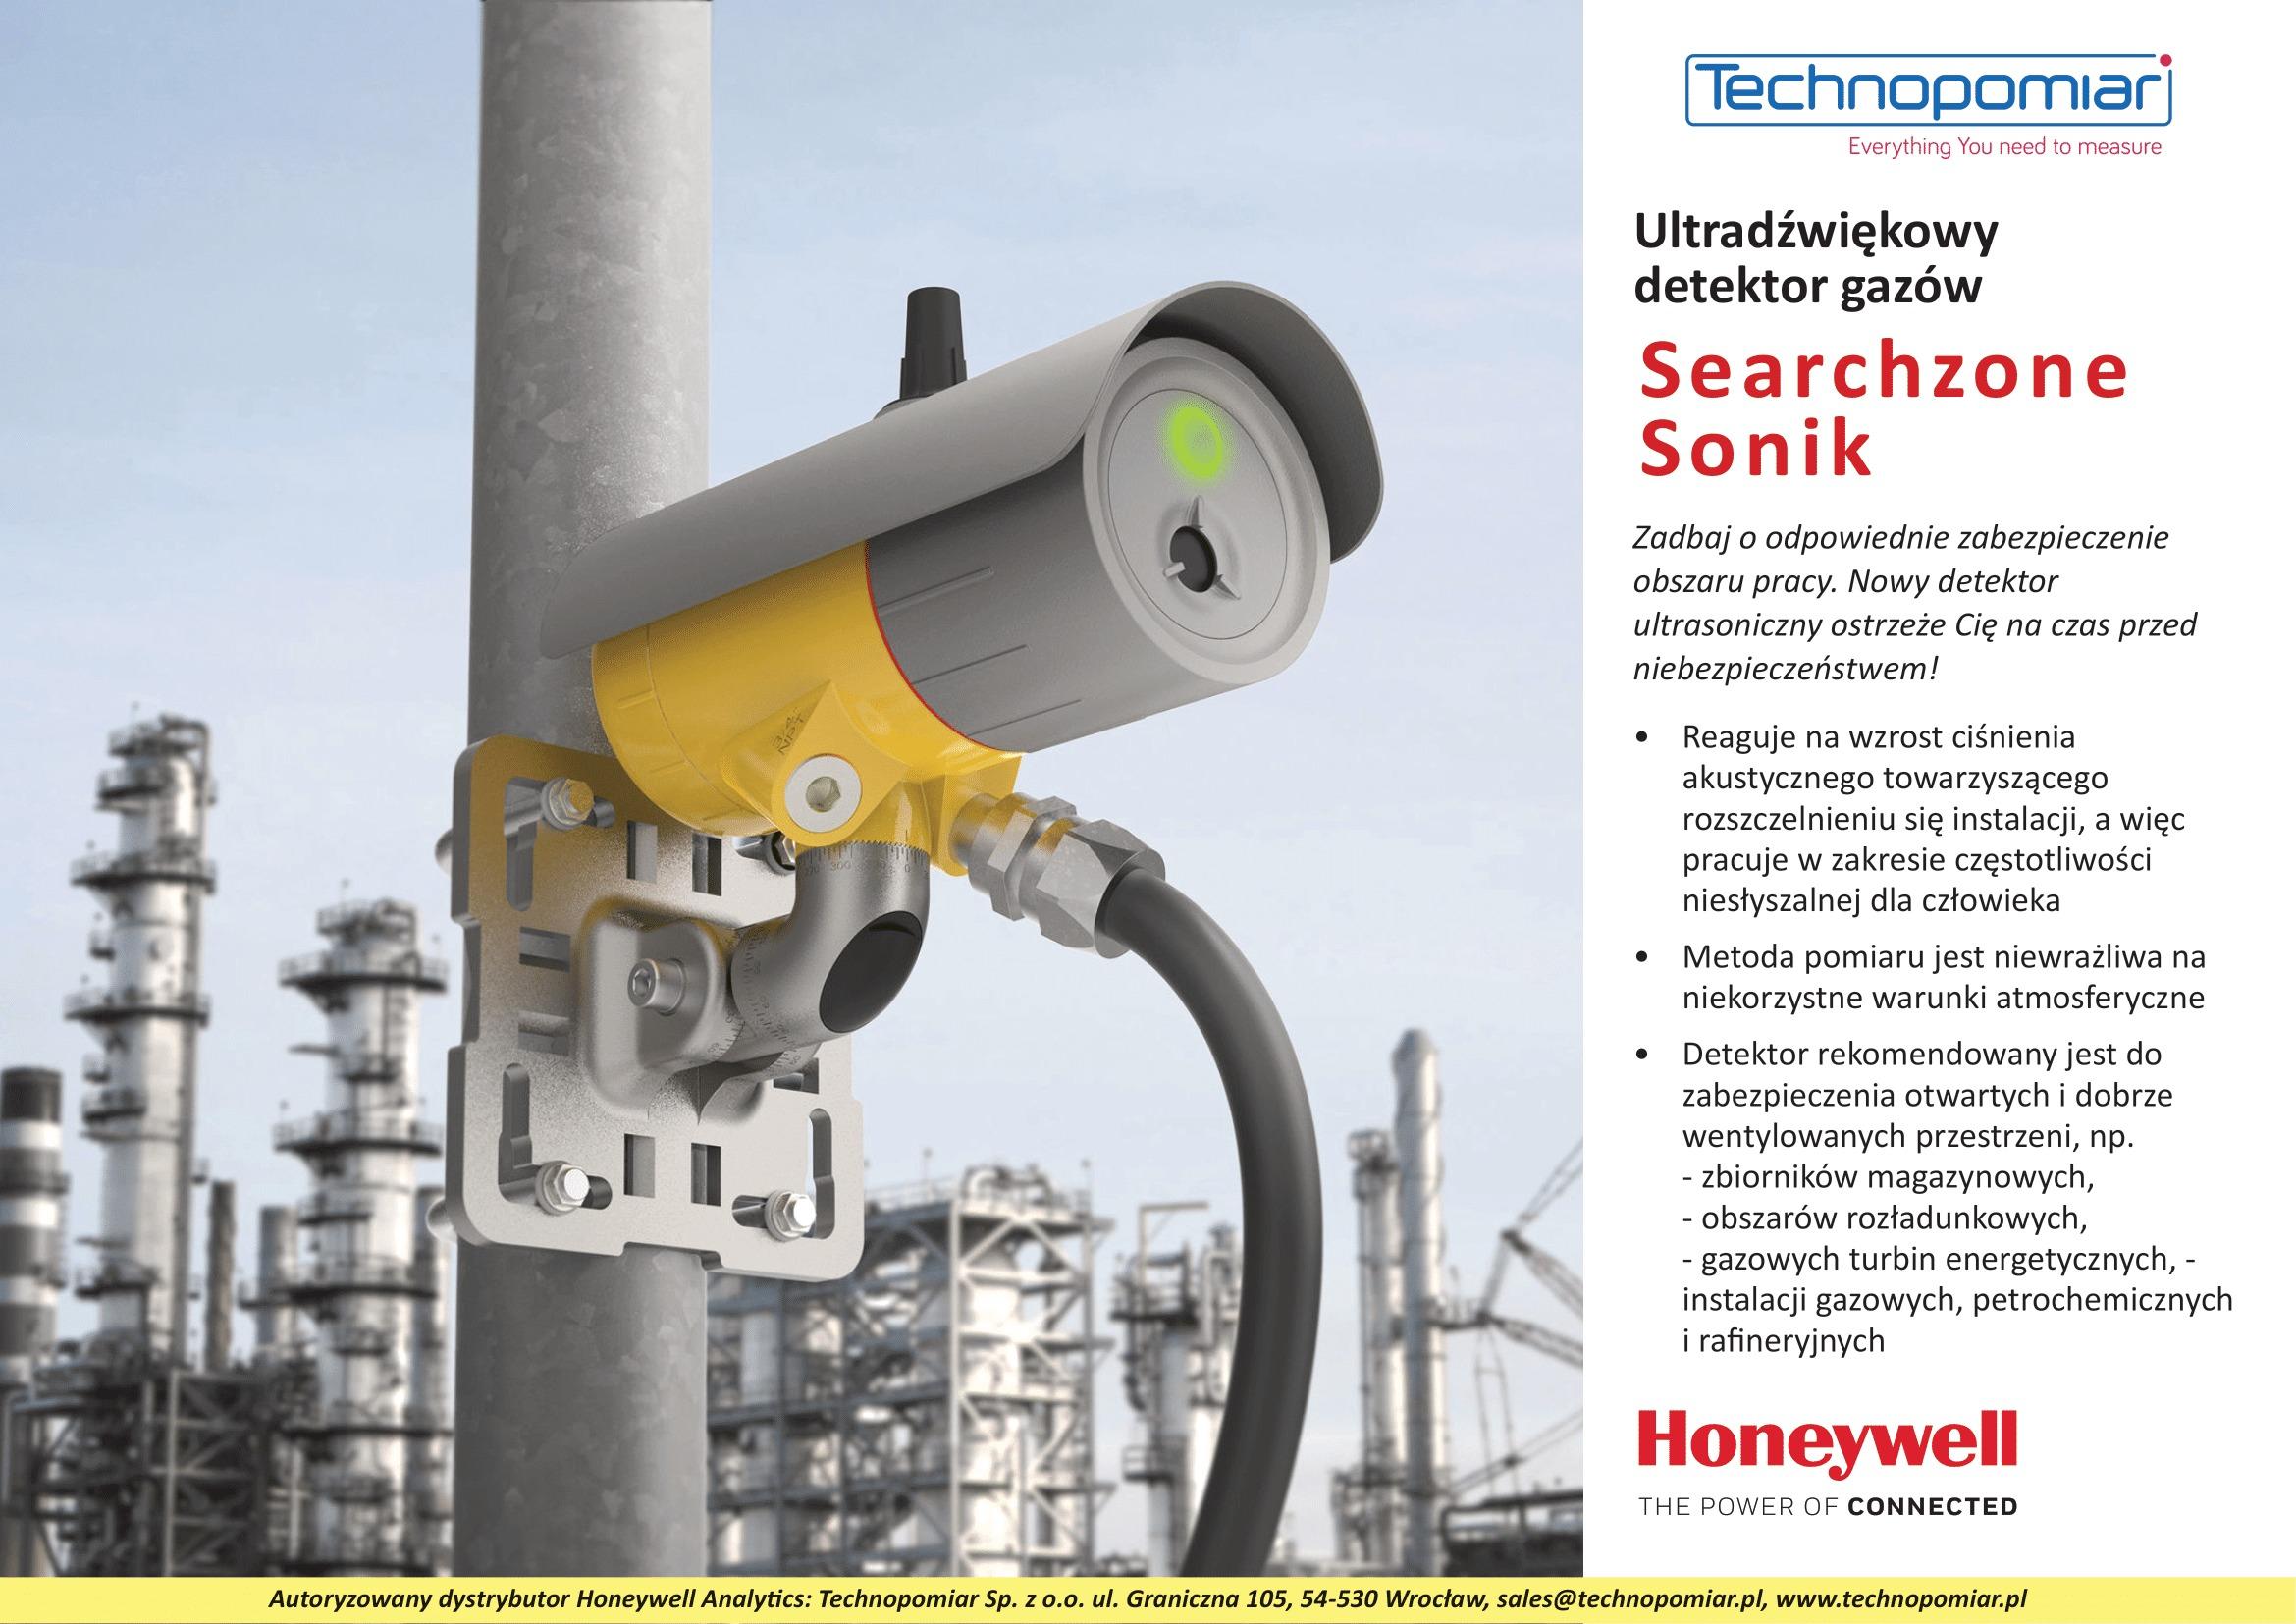 Ultradźwiękowy detektor gazów - Searchzone Sonik